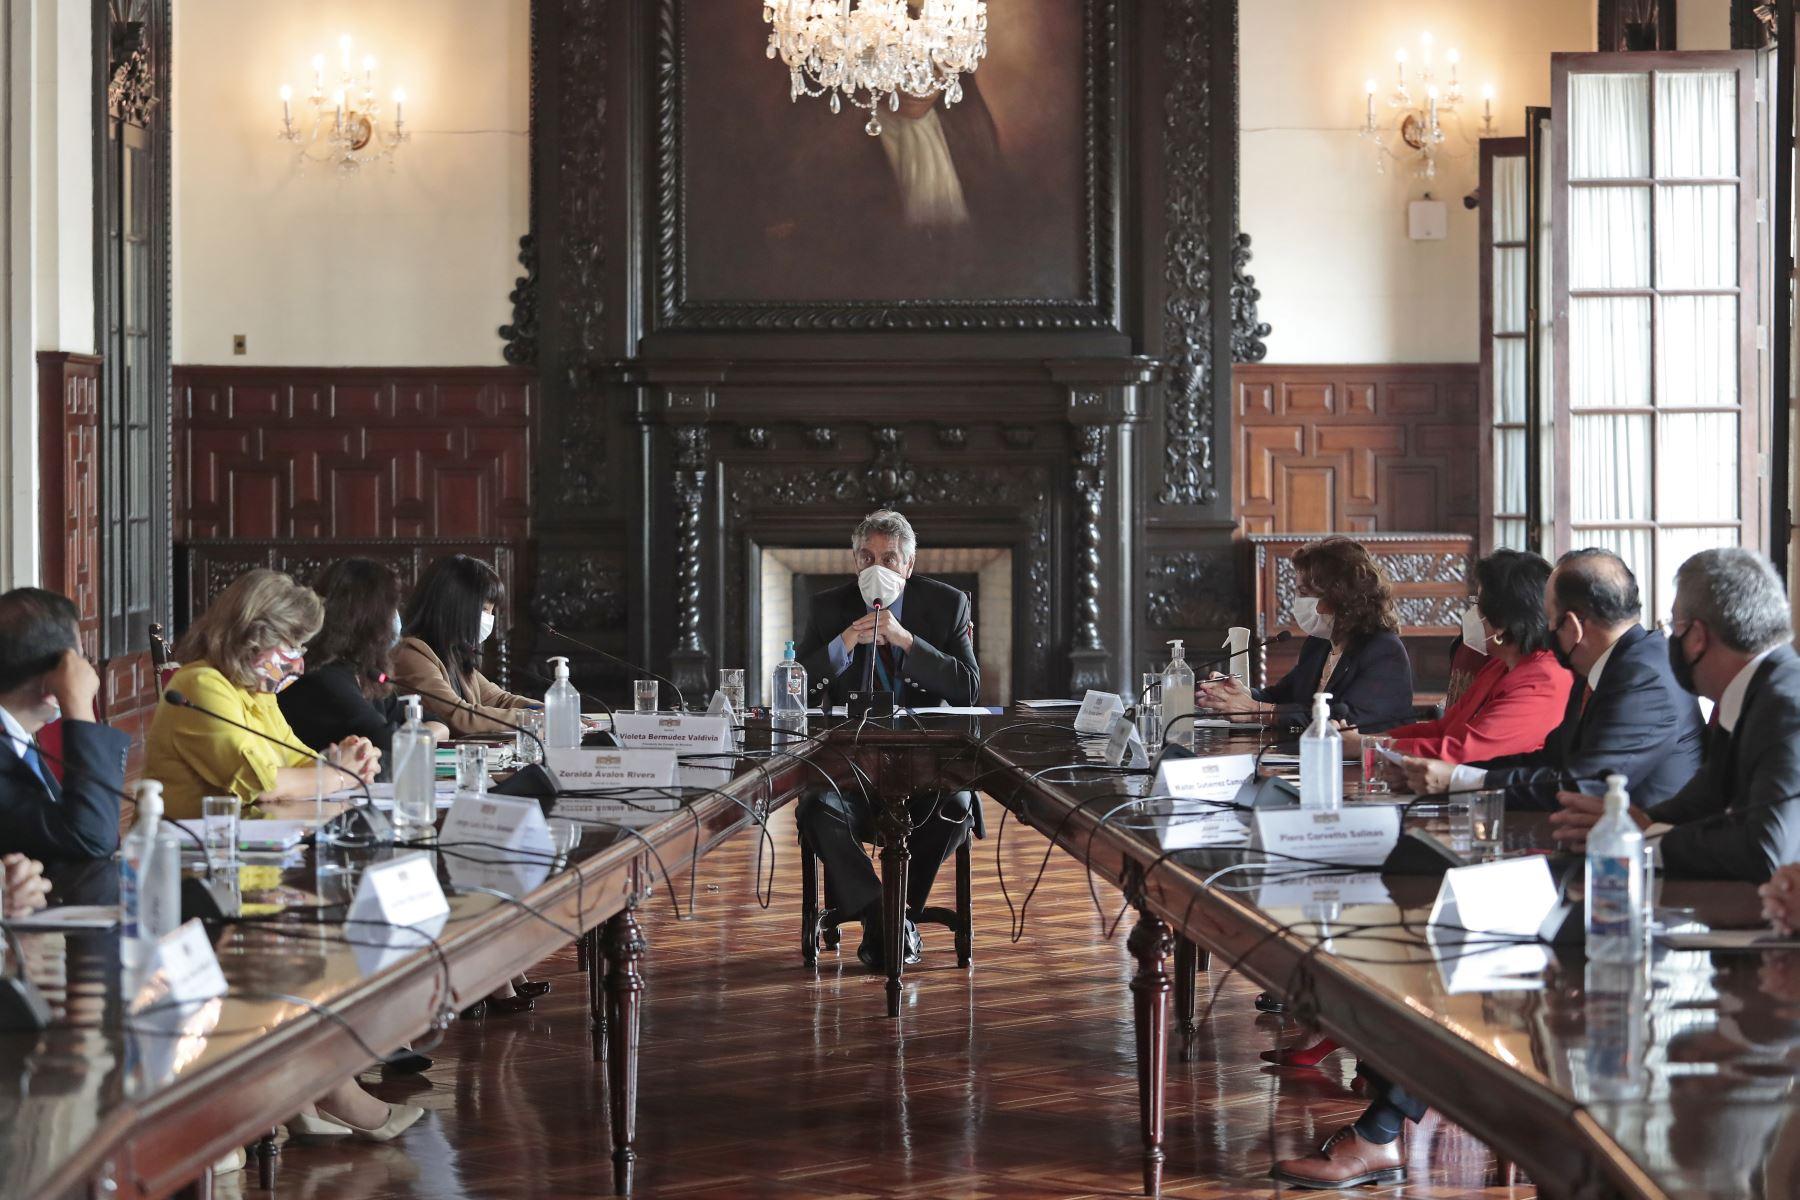 El presidente Francisco Sagasti, lideró la sesión del Consejo de Estado, que reunió en esta ocasión a autoridades electorales para evaluar medidas frente al Covid-19 durante la campaña electoral respetando los protocolos sanitarios establecidos.  Foto: ANDINA/ Prensa Presidencia